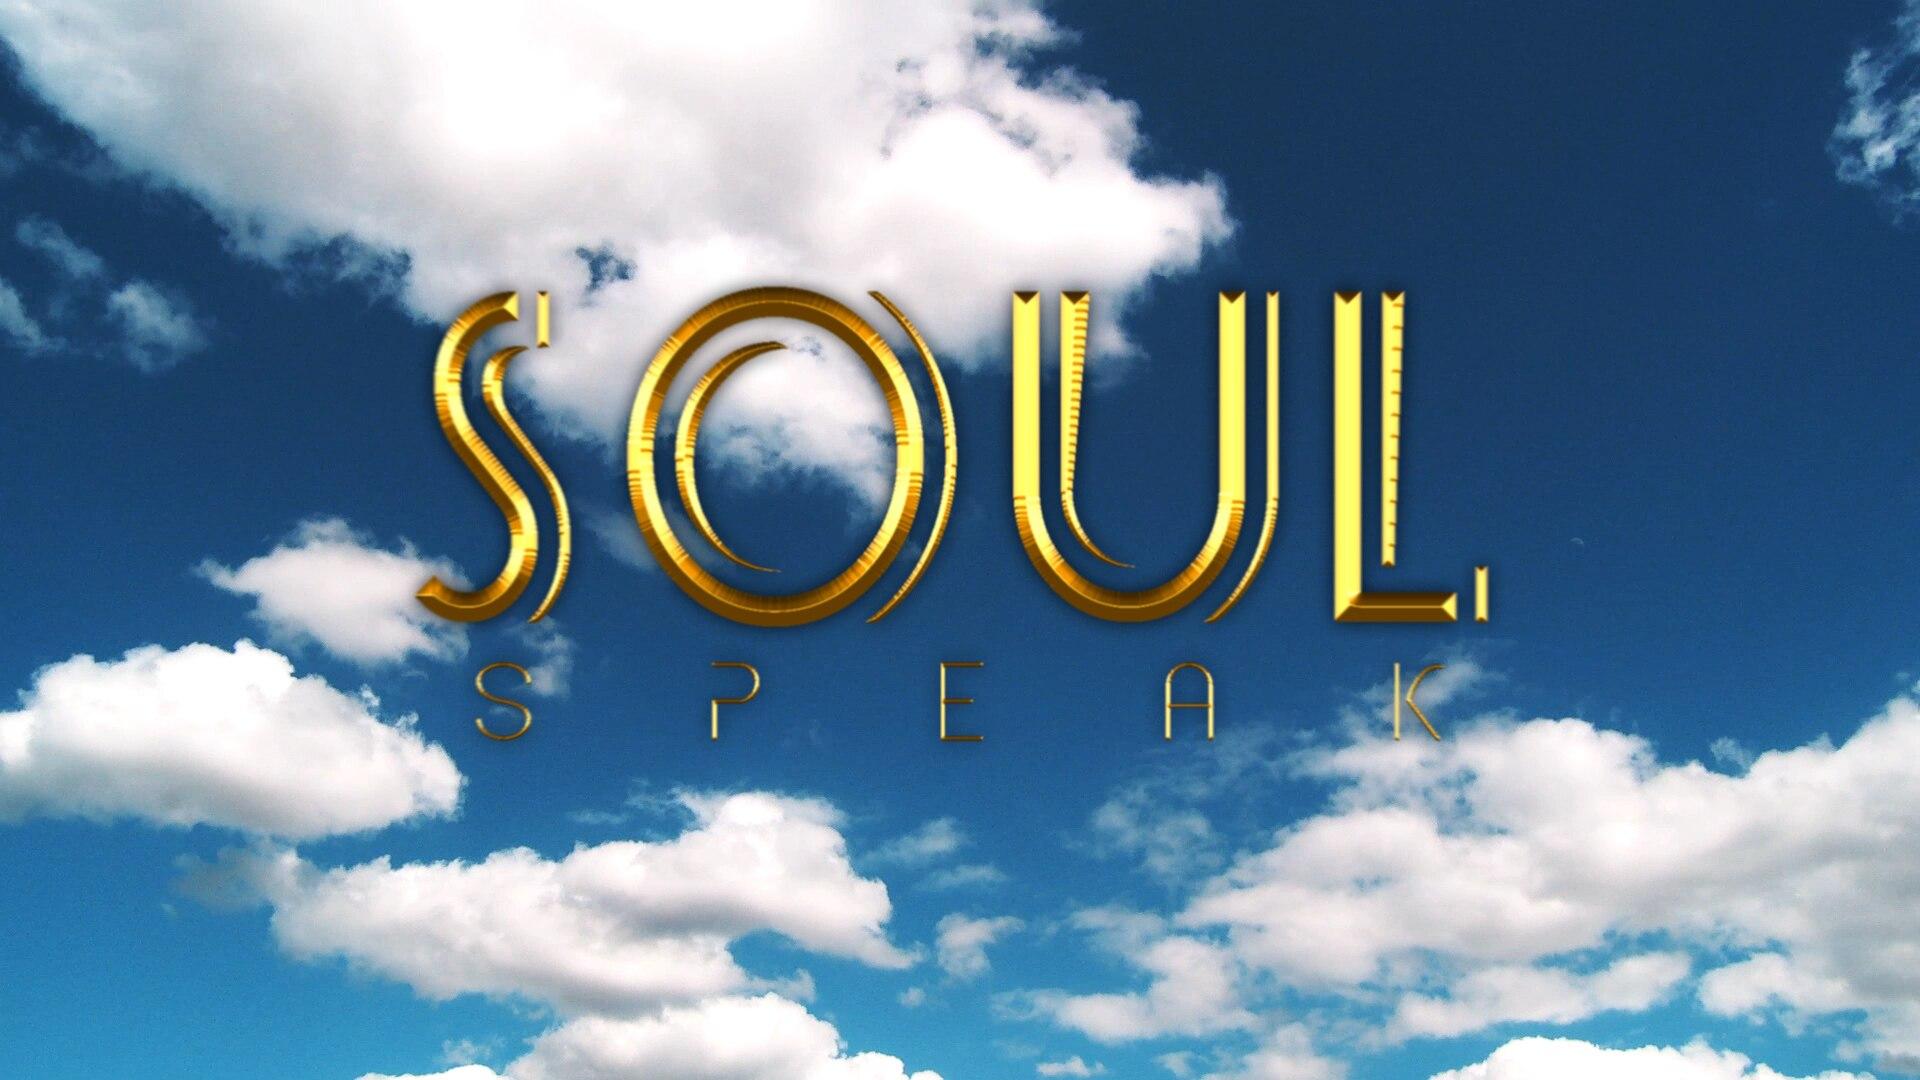 Soul Speak video series